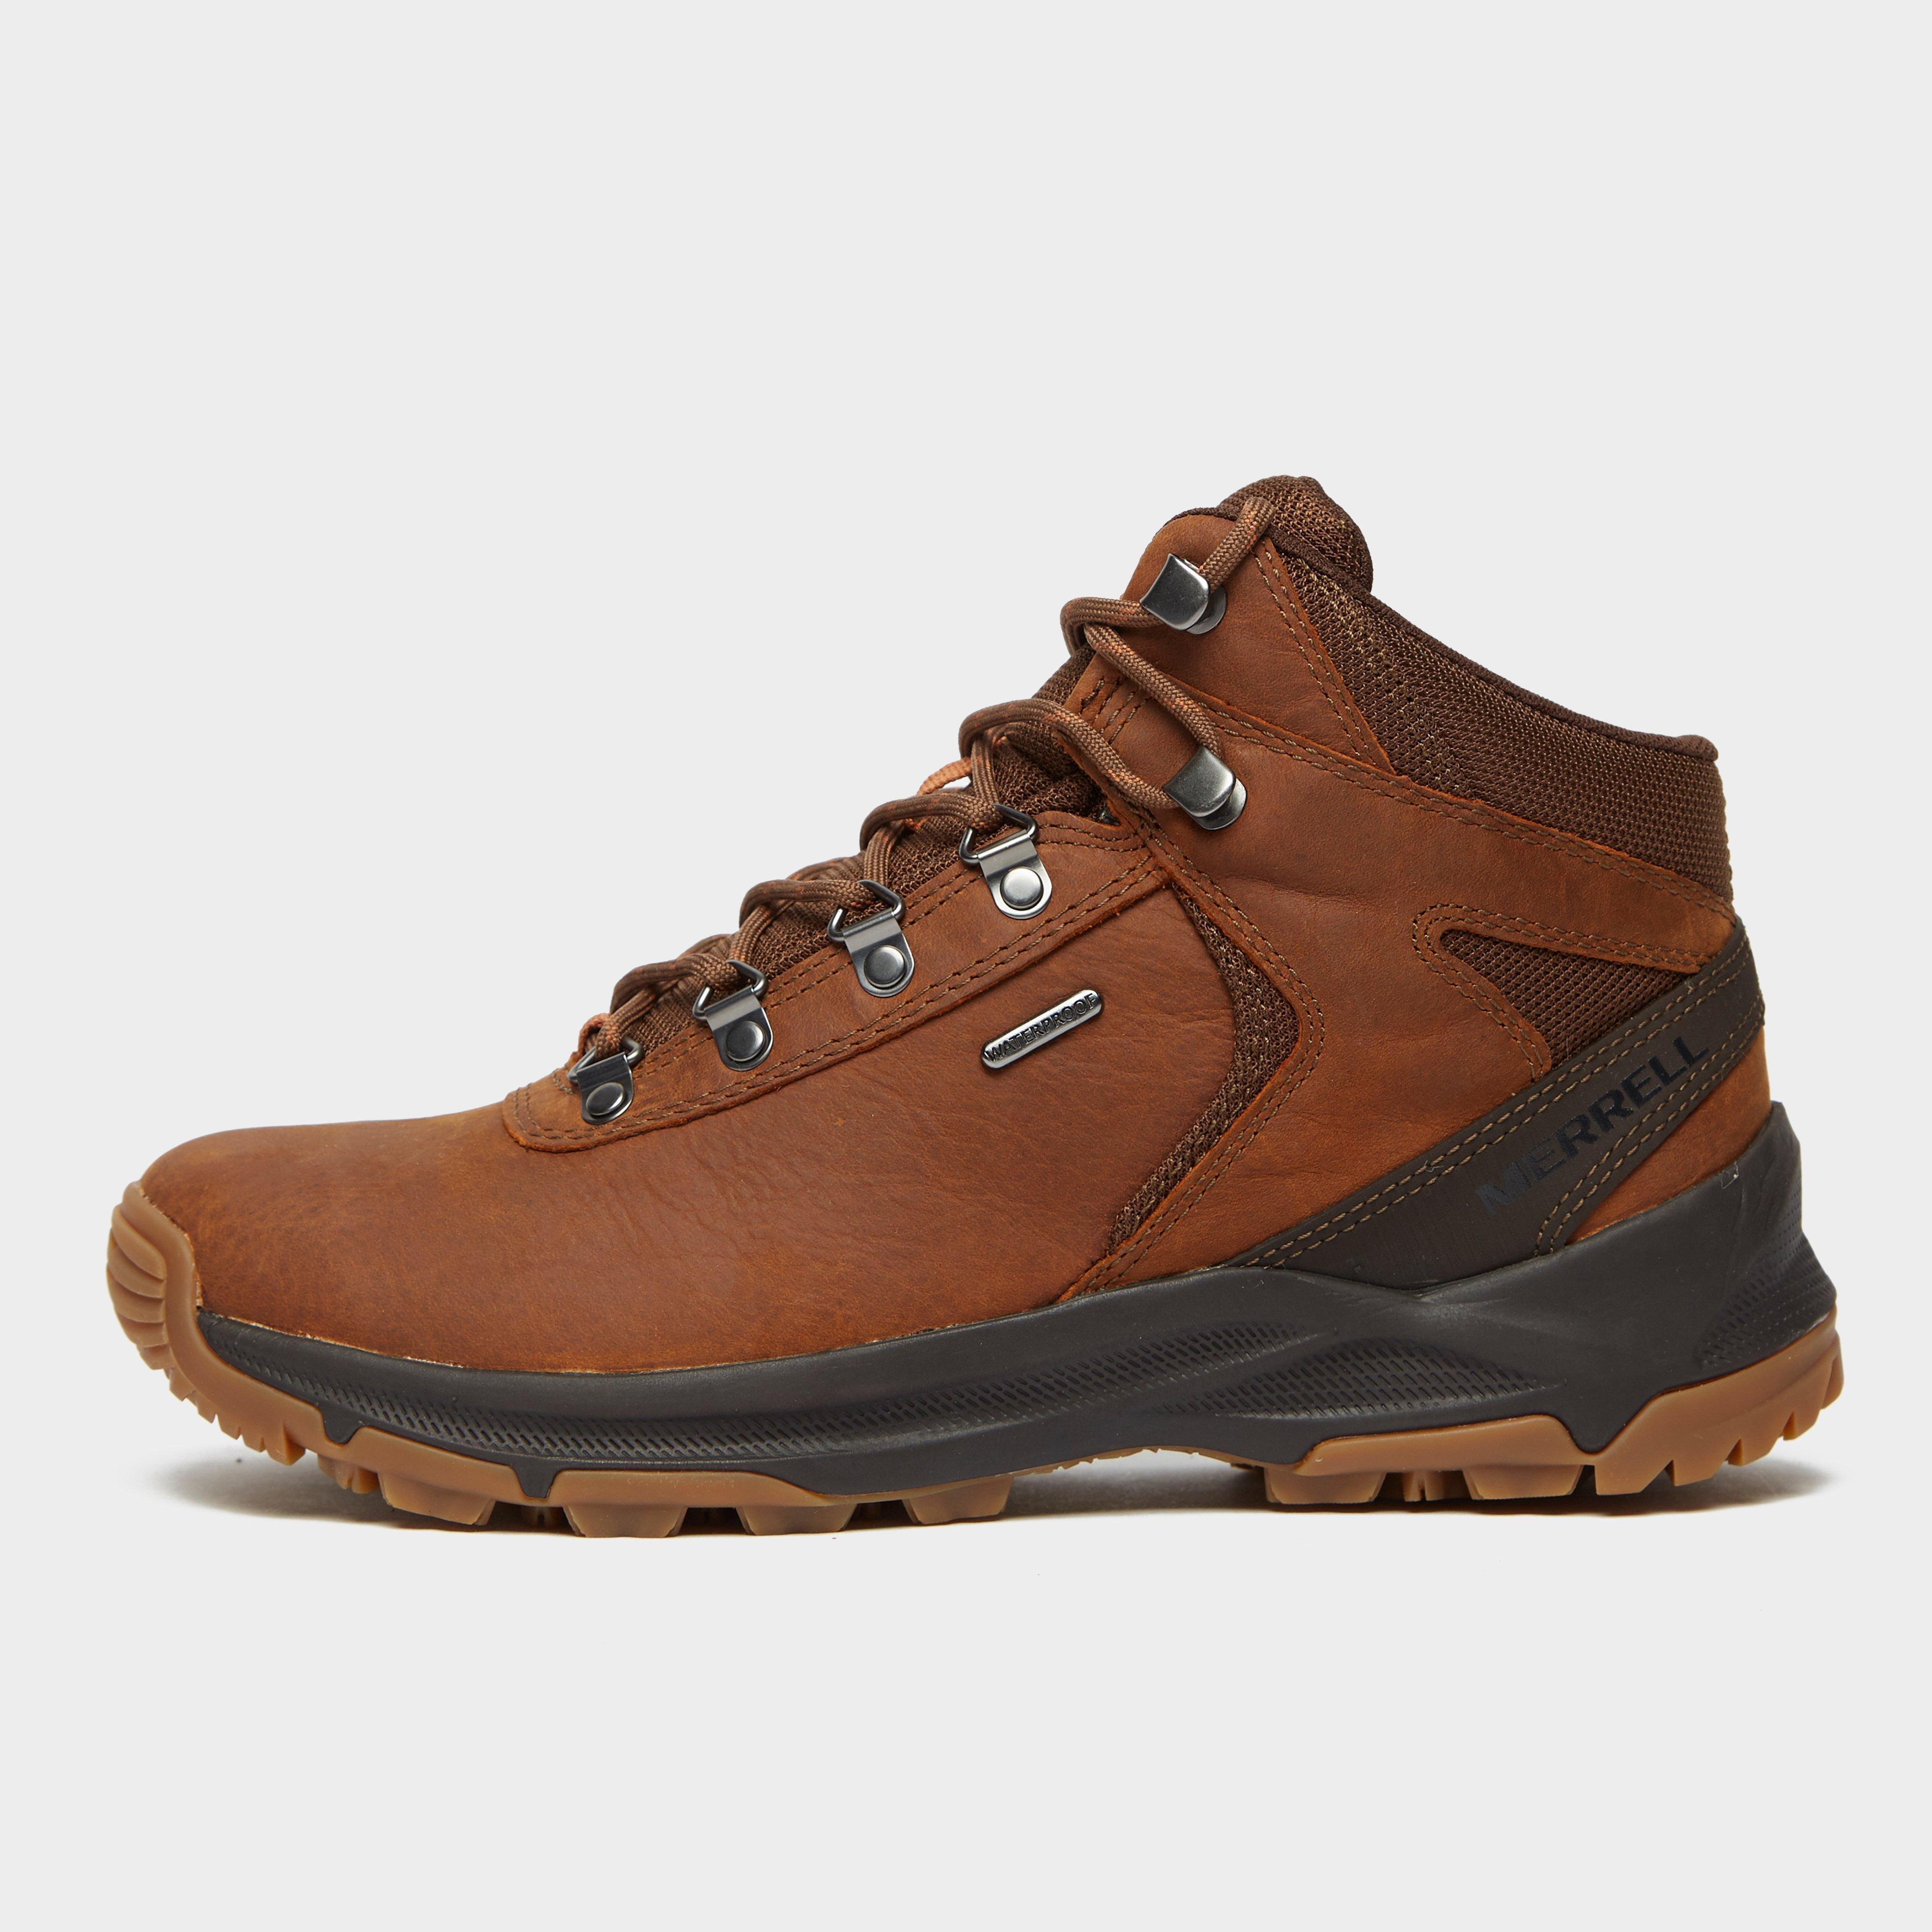 Merrell Mens Erie Mid Waterproof Walking Boots - Brn/Brn, Brown